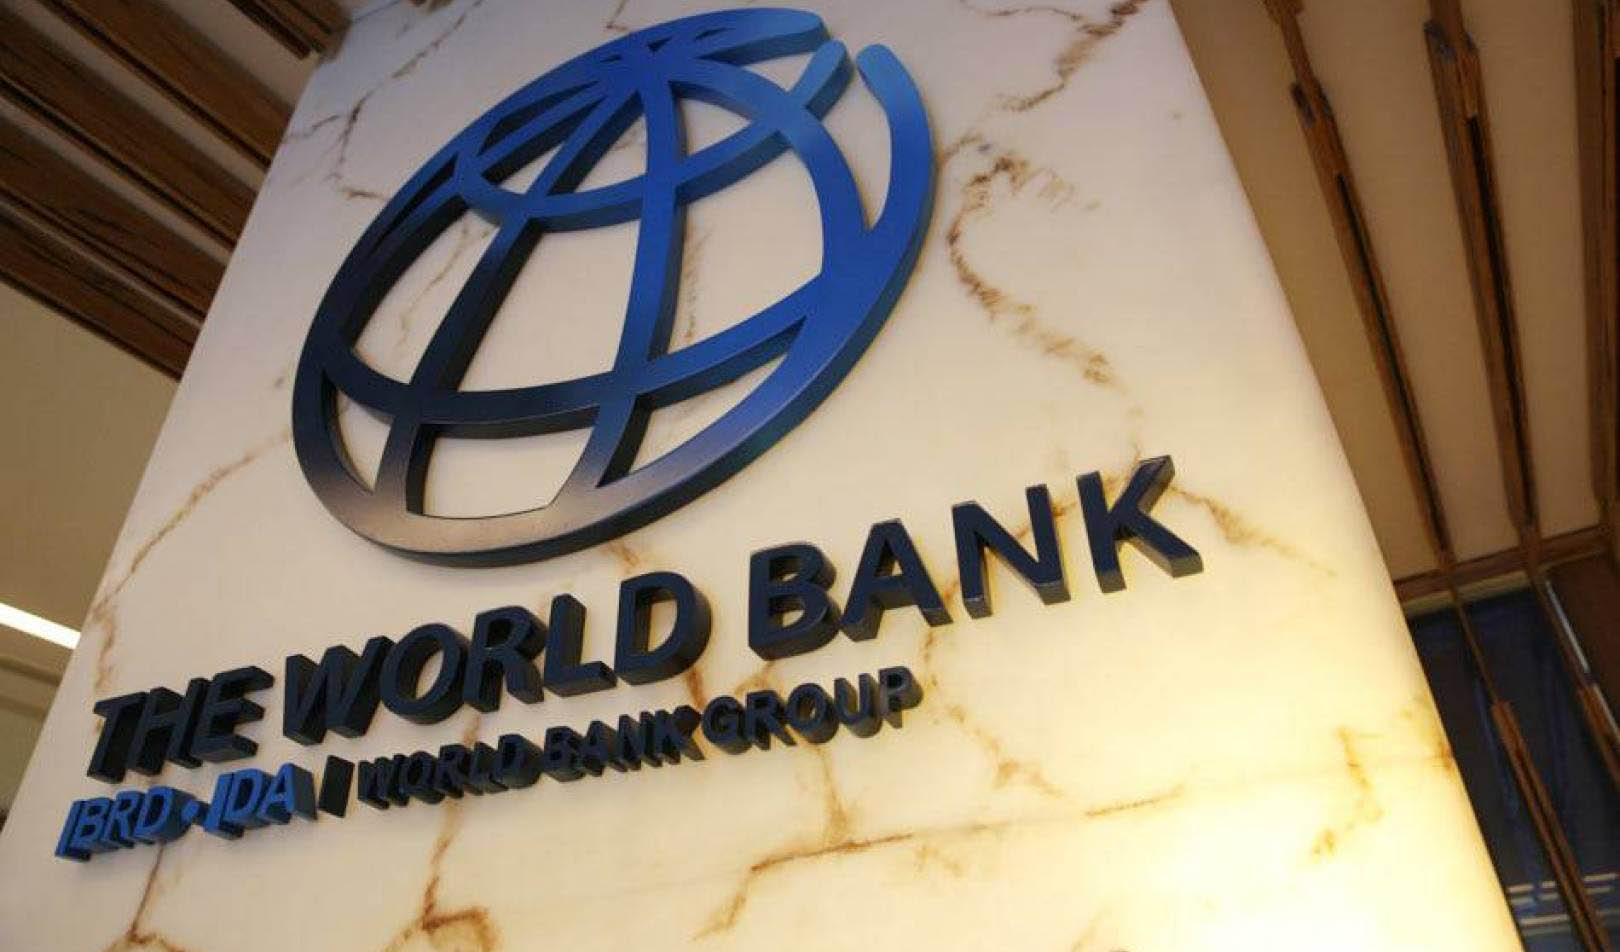 پیشبینی بانک جهانی از اقتصاد ایران منتشر شد/ بهبود متغیرها در سال ۱۴۰۰